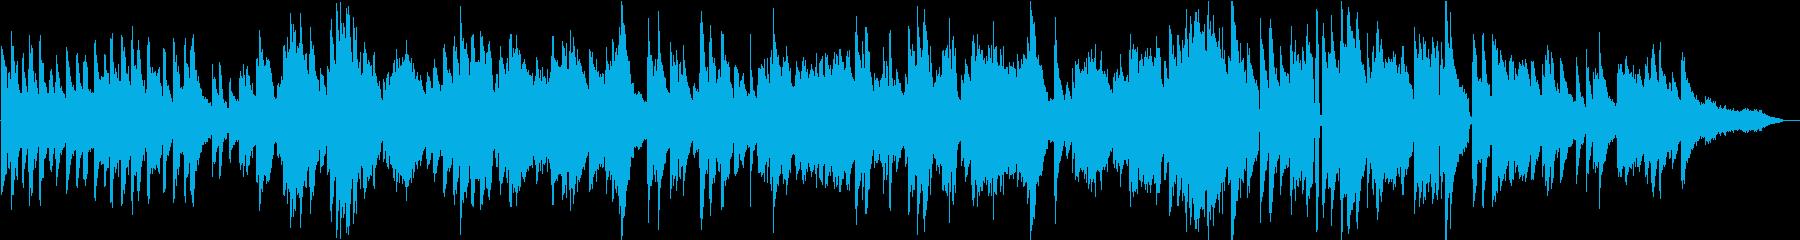 生演奏 爽やかな雰囲気のピアノBGMの再生済みの波形